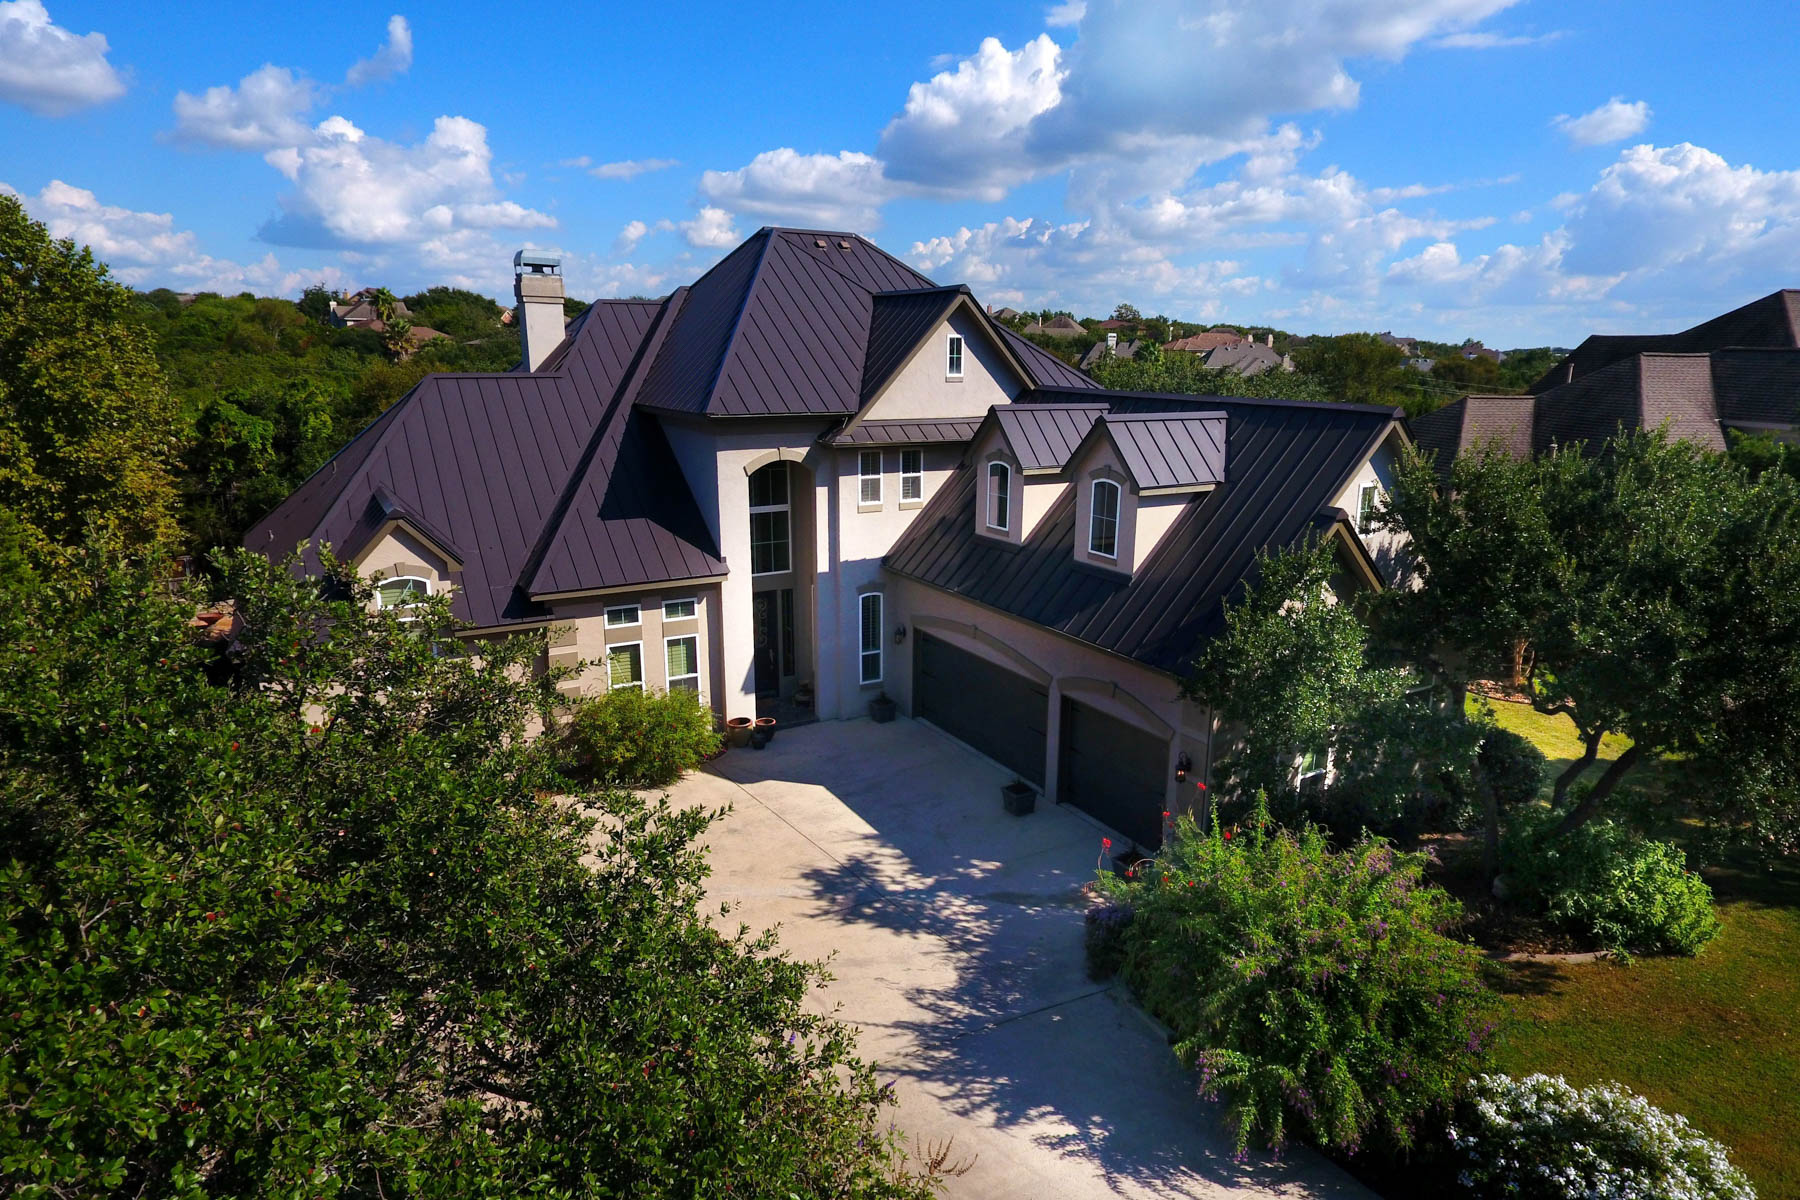 一戸建て のために 売買 アット Beautiful Former Parade Home in Rogers Ranch 2902 Ivory Crk Rogers Ranch, San Antonio, テキサス, 78258 アメリカ合衆国